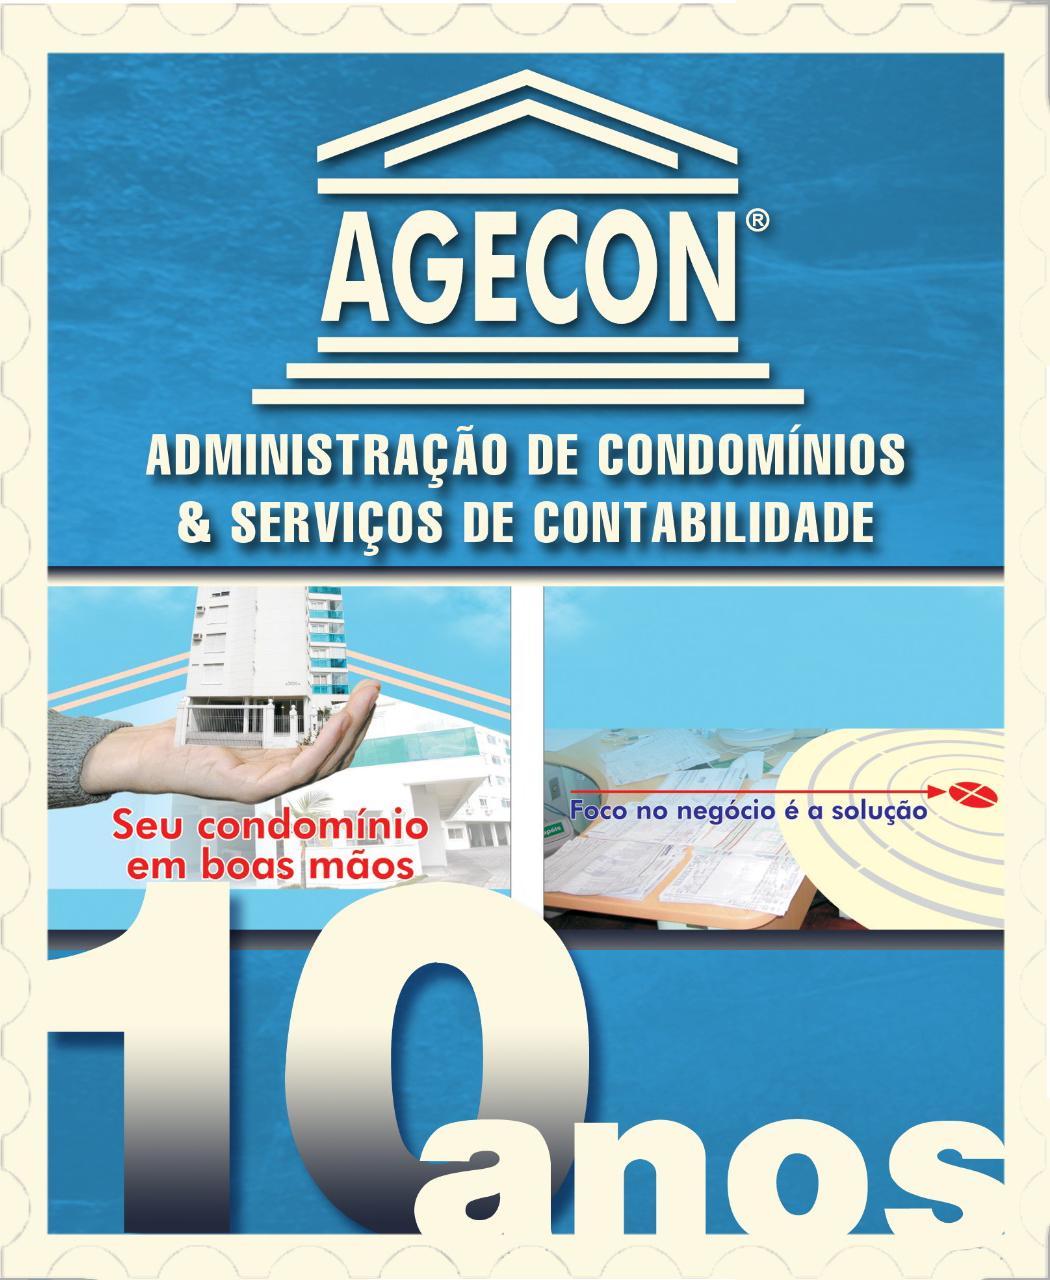 Agecon - 10 anos